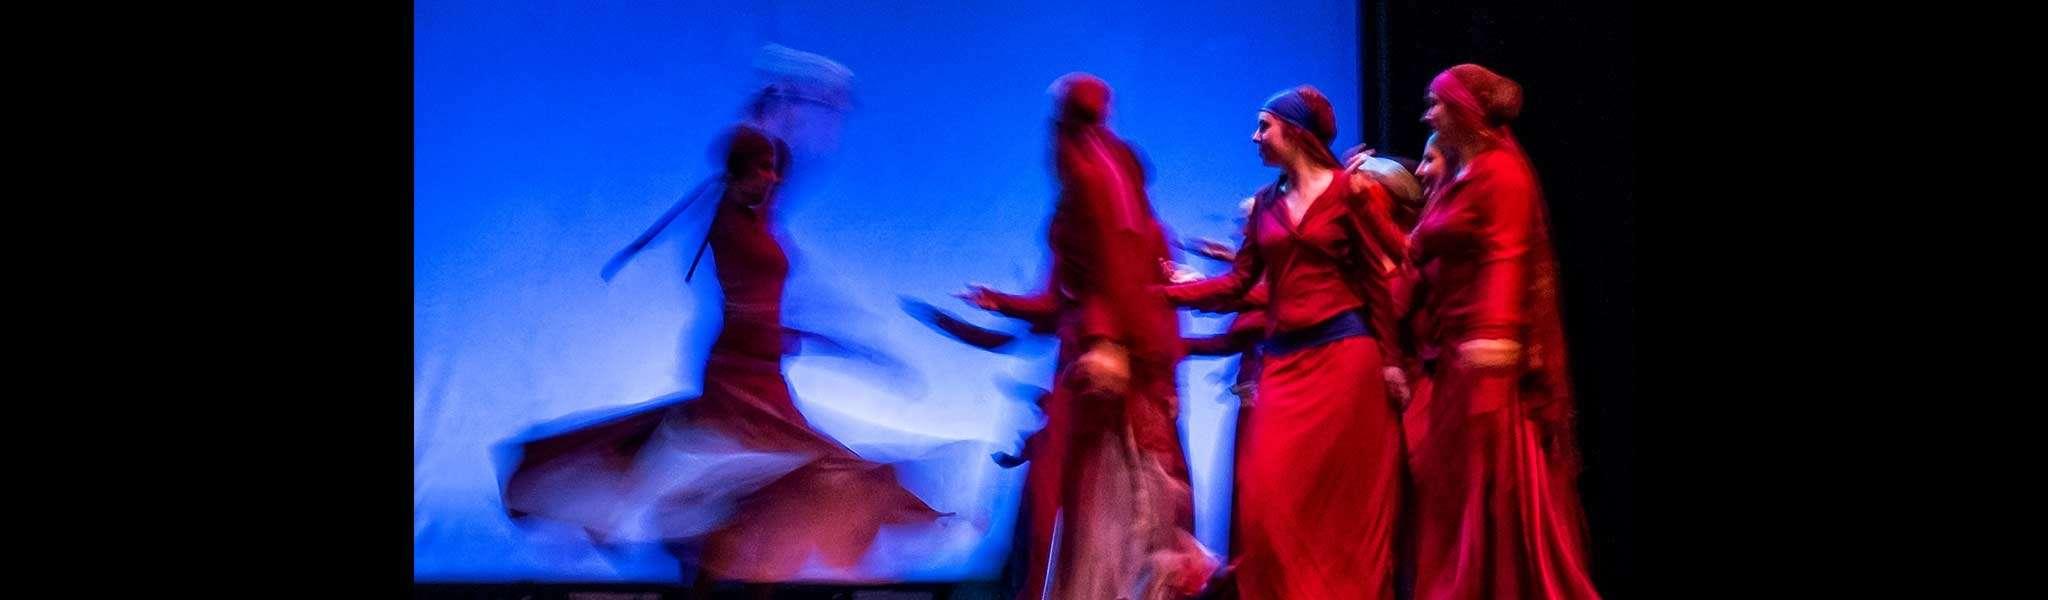 Danza orientale MoviMenti Studio